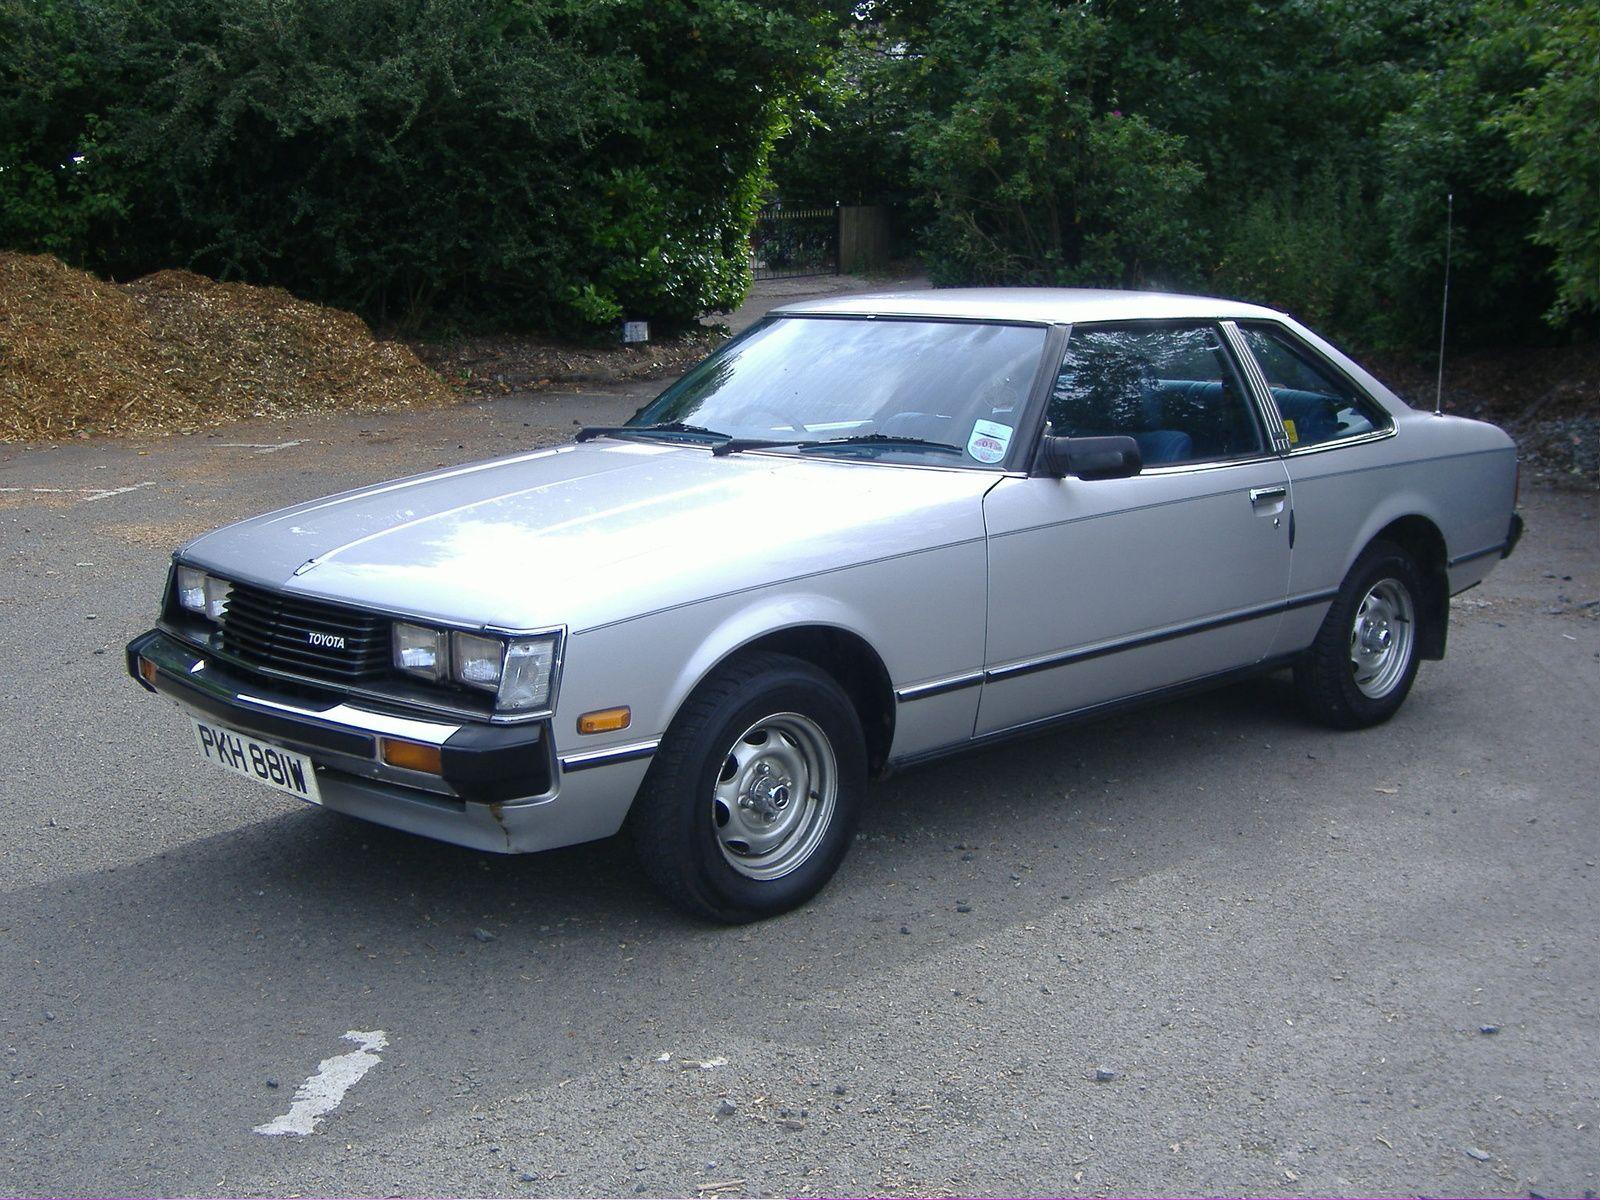 Kelebihan Kekurangan Toyota Celica 1980 Murah Berkualitas